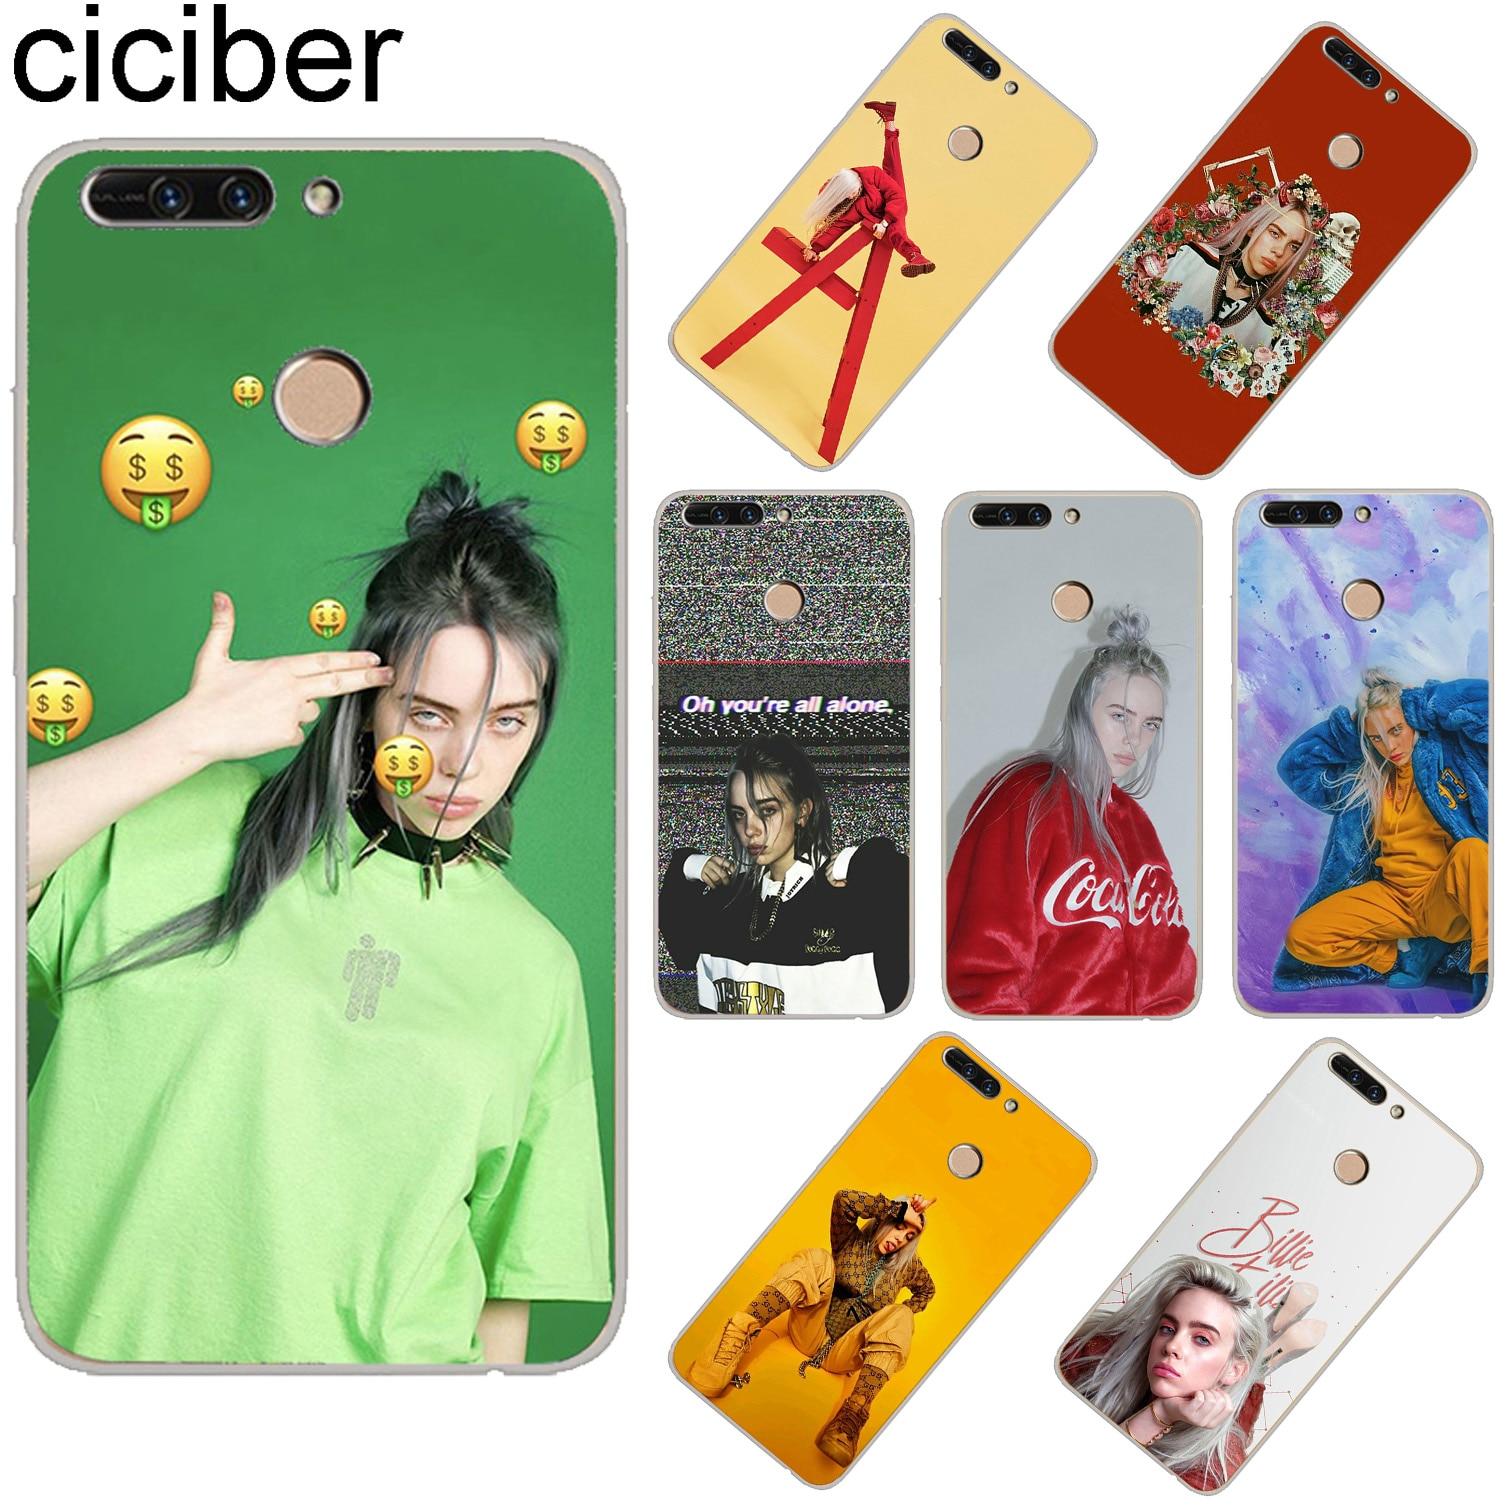 ciciber For Huawei Honor 7A 8X C Pro Soft Silicone TPU Phone Cases 10 9 Lite Play V10 V9 Singer Billie Eilish Fundas